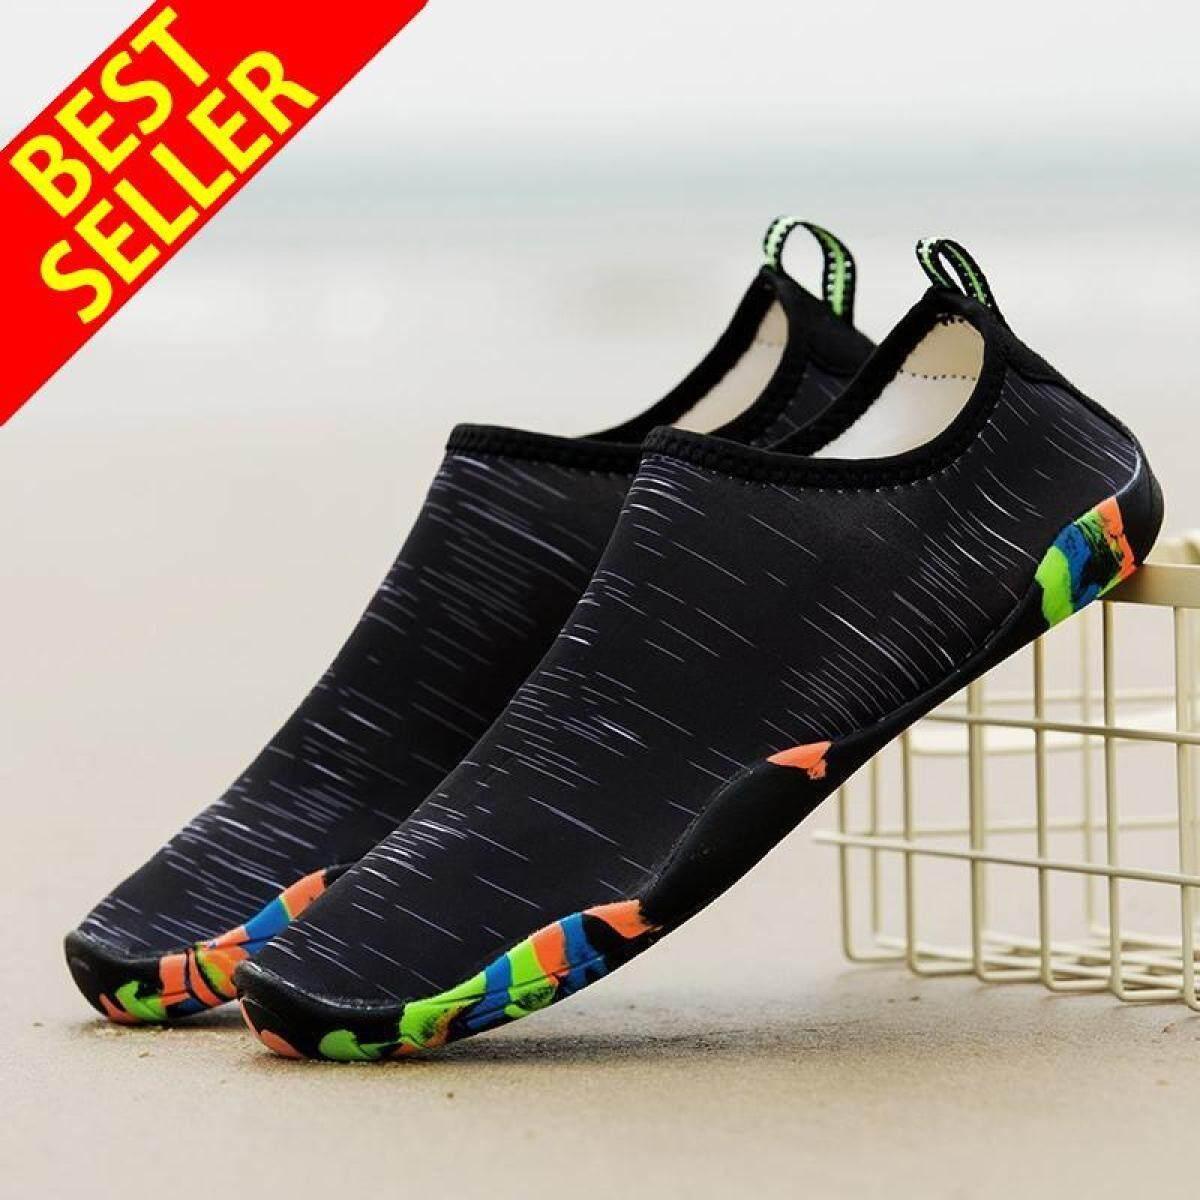 QINGSHUI 35-46 Women Men Water Sports Shoes Barefoot Quick-Dry Aqua Shoes for